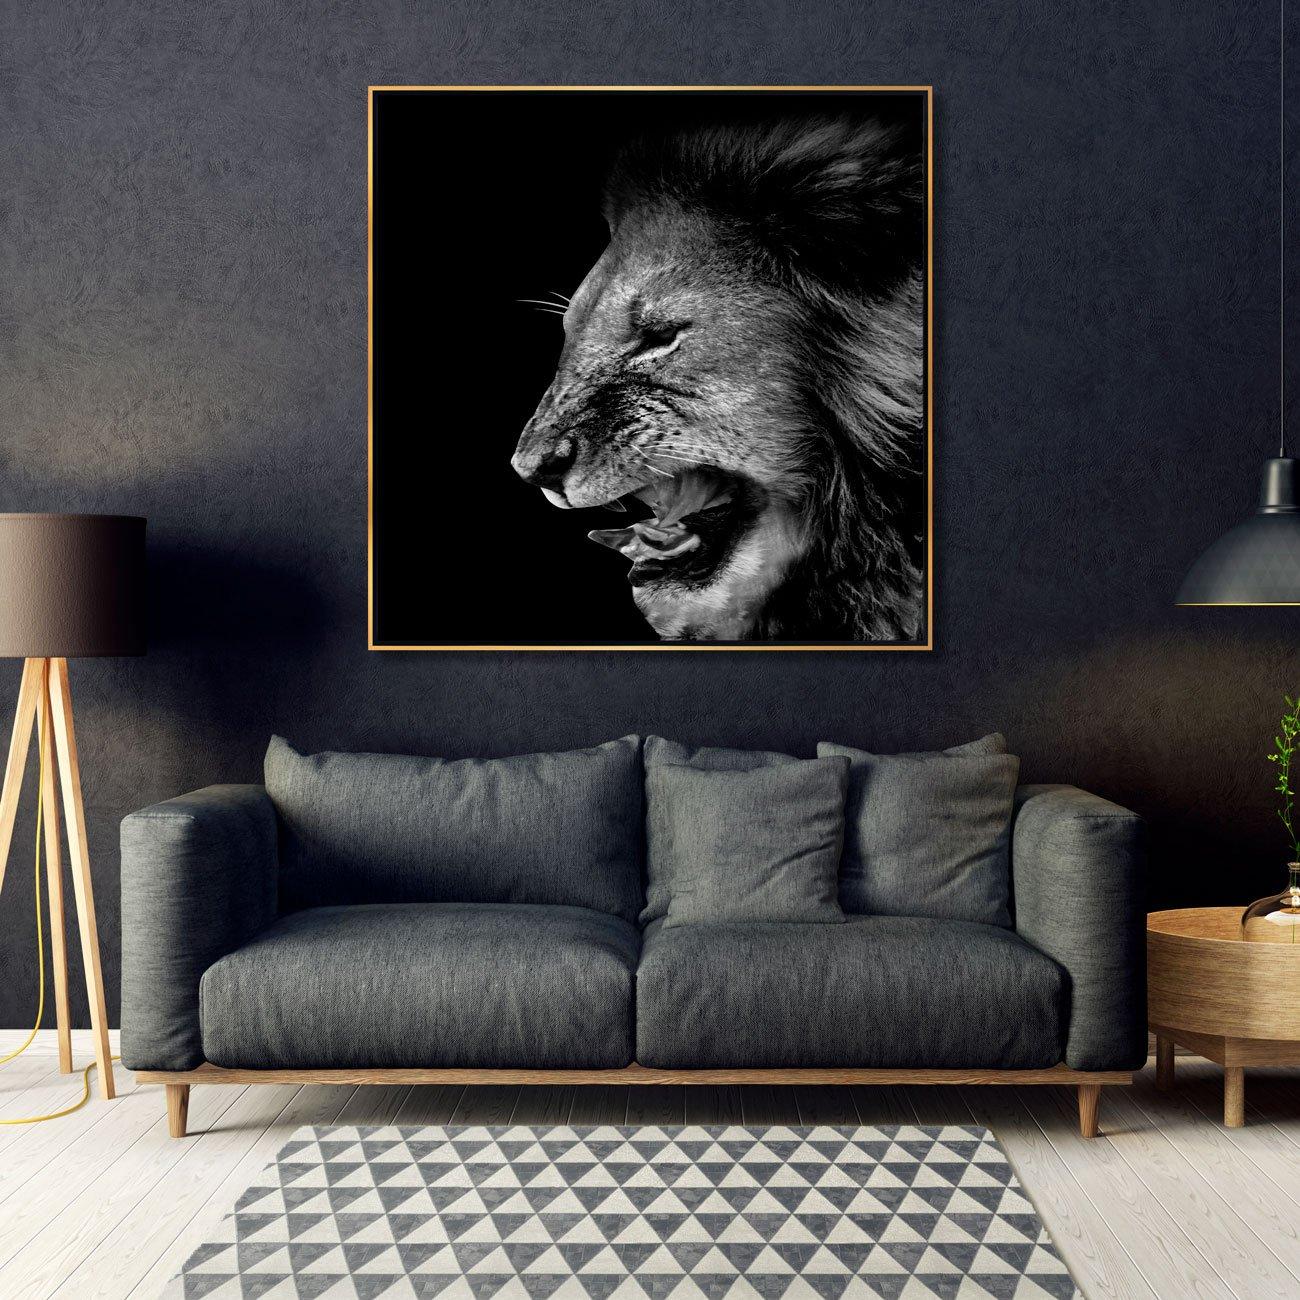 Tela Canvas Arte Leão Rugindo Preto e Branco 120x120 cm